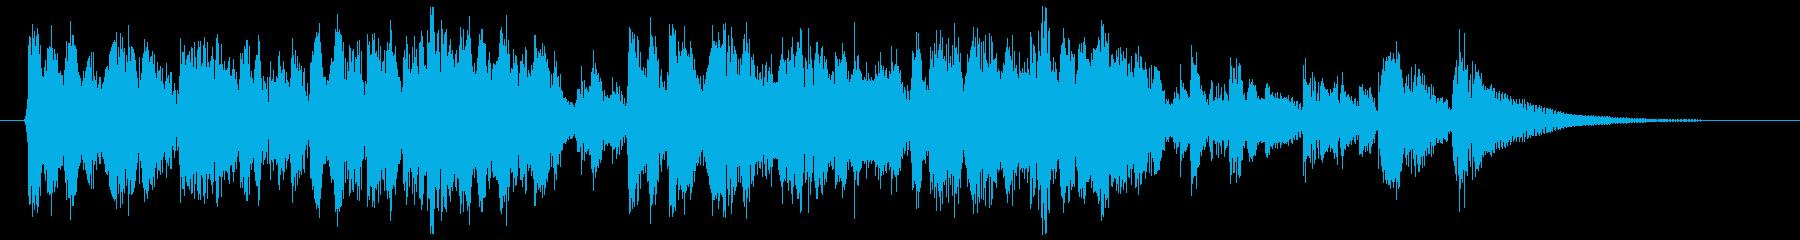 かわいらしく軽快に駆け回る口笛のジングルの再生済みの波形